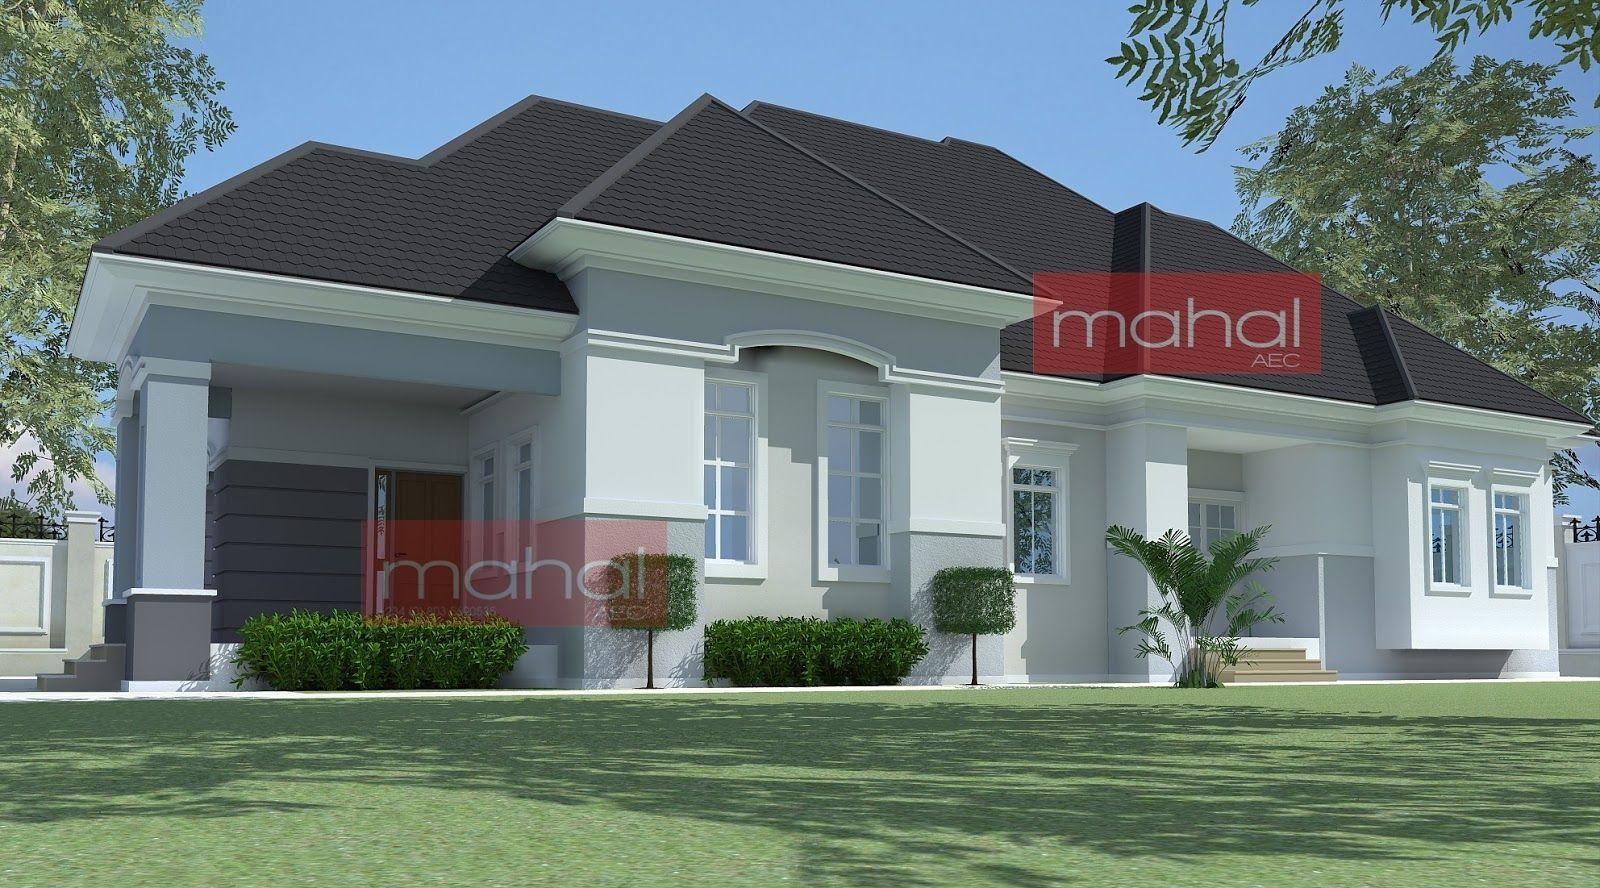 4 Bedroom Bungalow Plan in Nigeria 4 Bedroom Bungalow House Plans Nigerian Design  hot in 2019